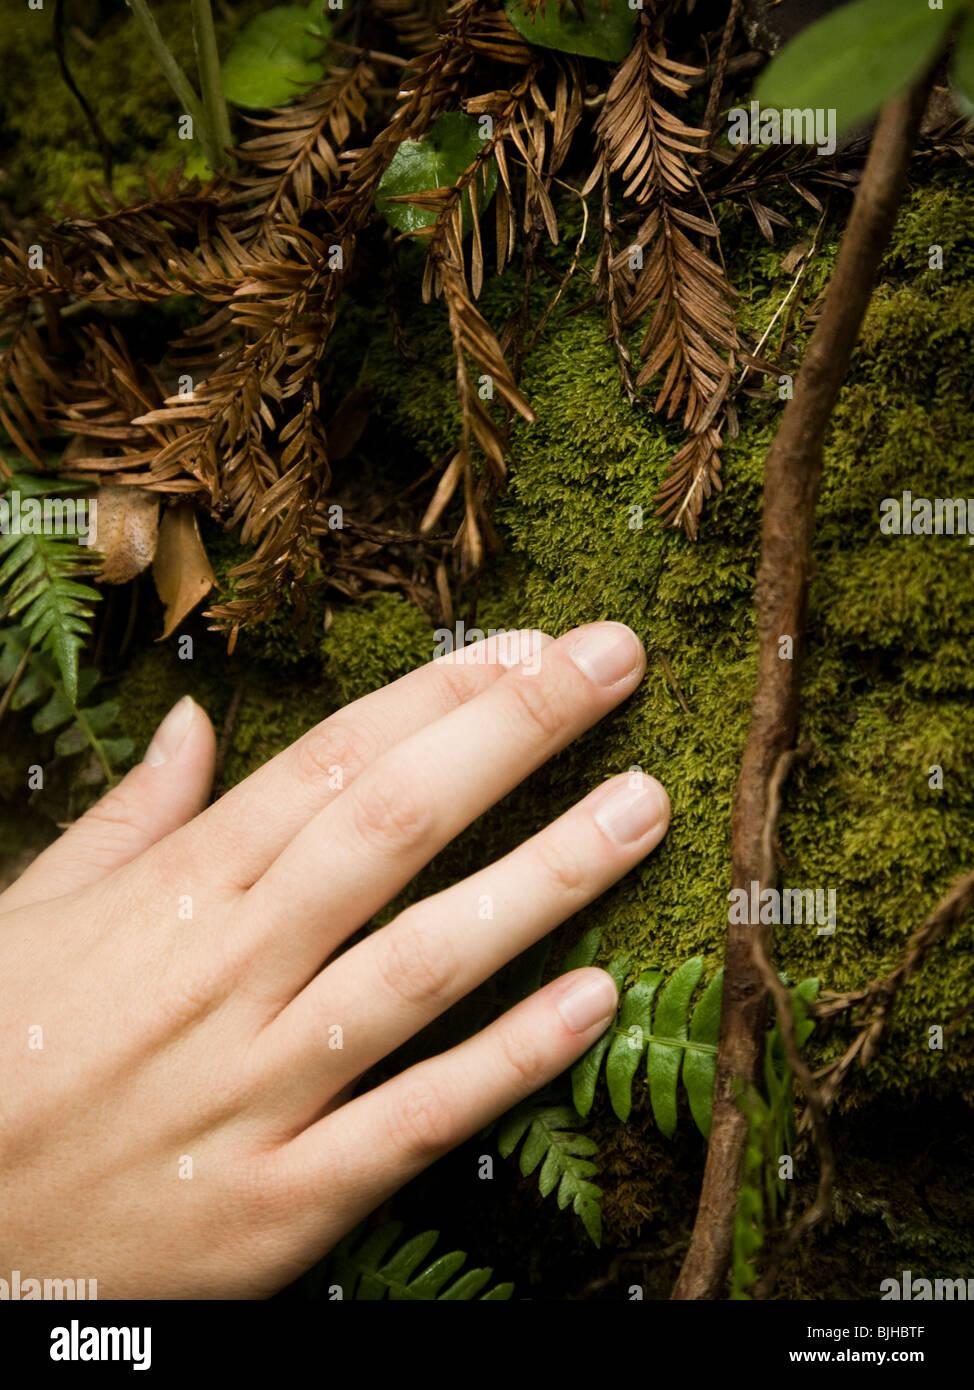 die Hand berühren einen Moos bedeckten Baumstamm Stockbild